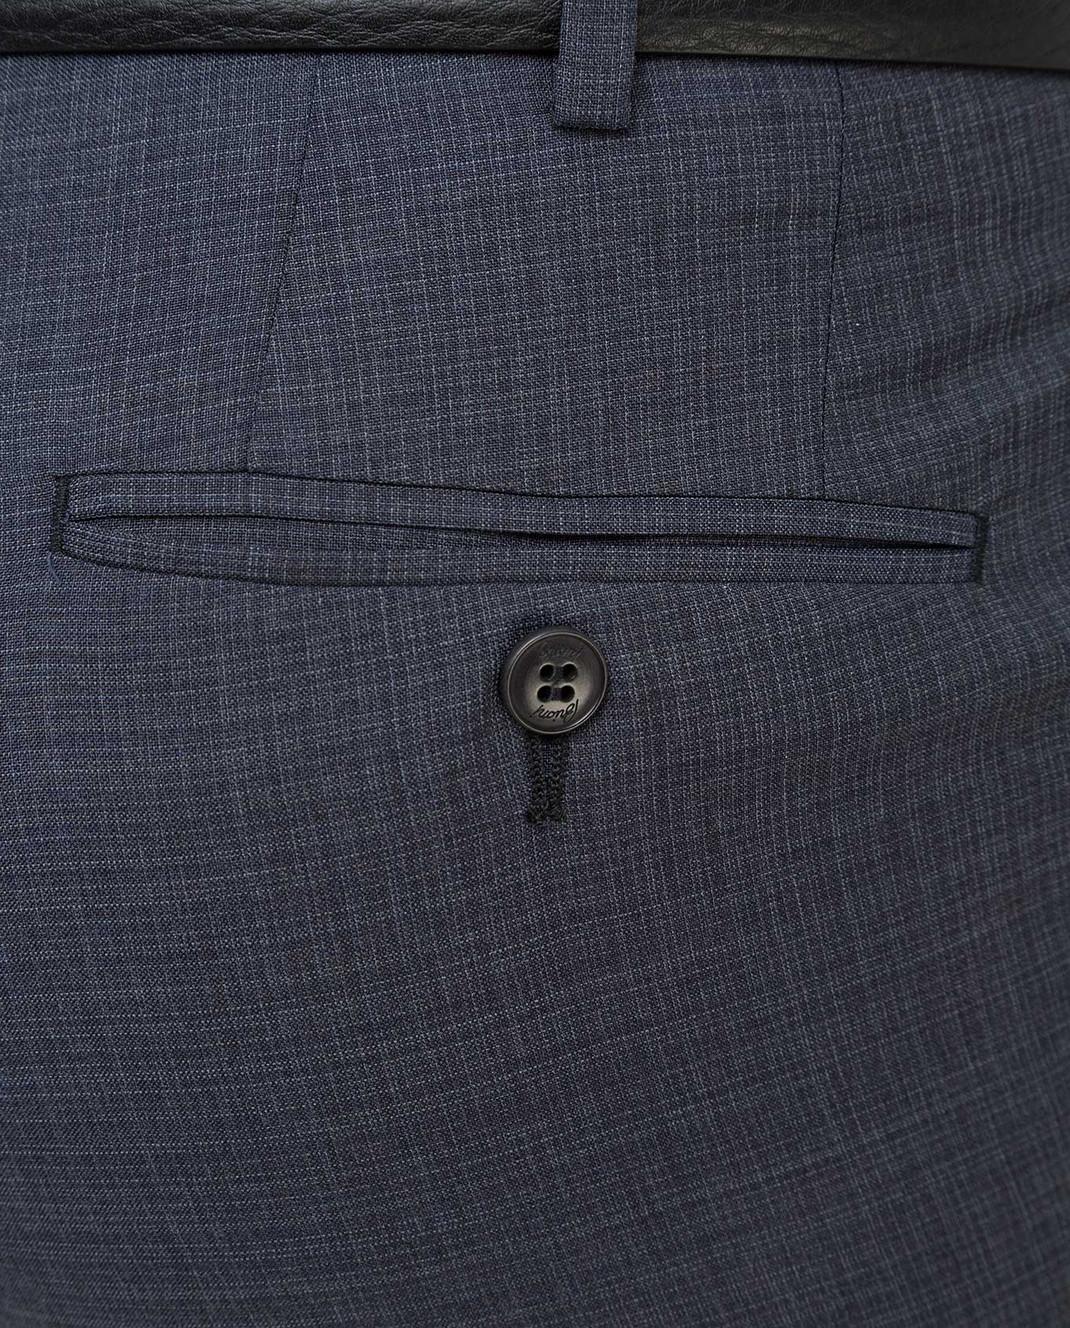 Brioni Темно-серые брюки из шерсти RPL80PP7AW7 изображение 5